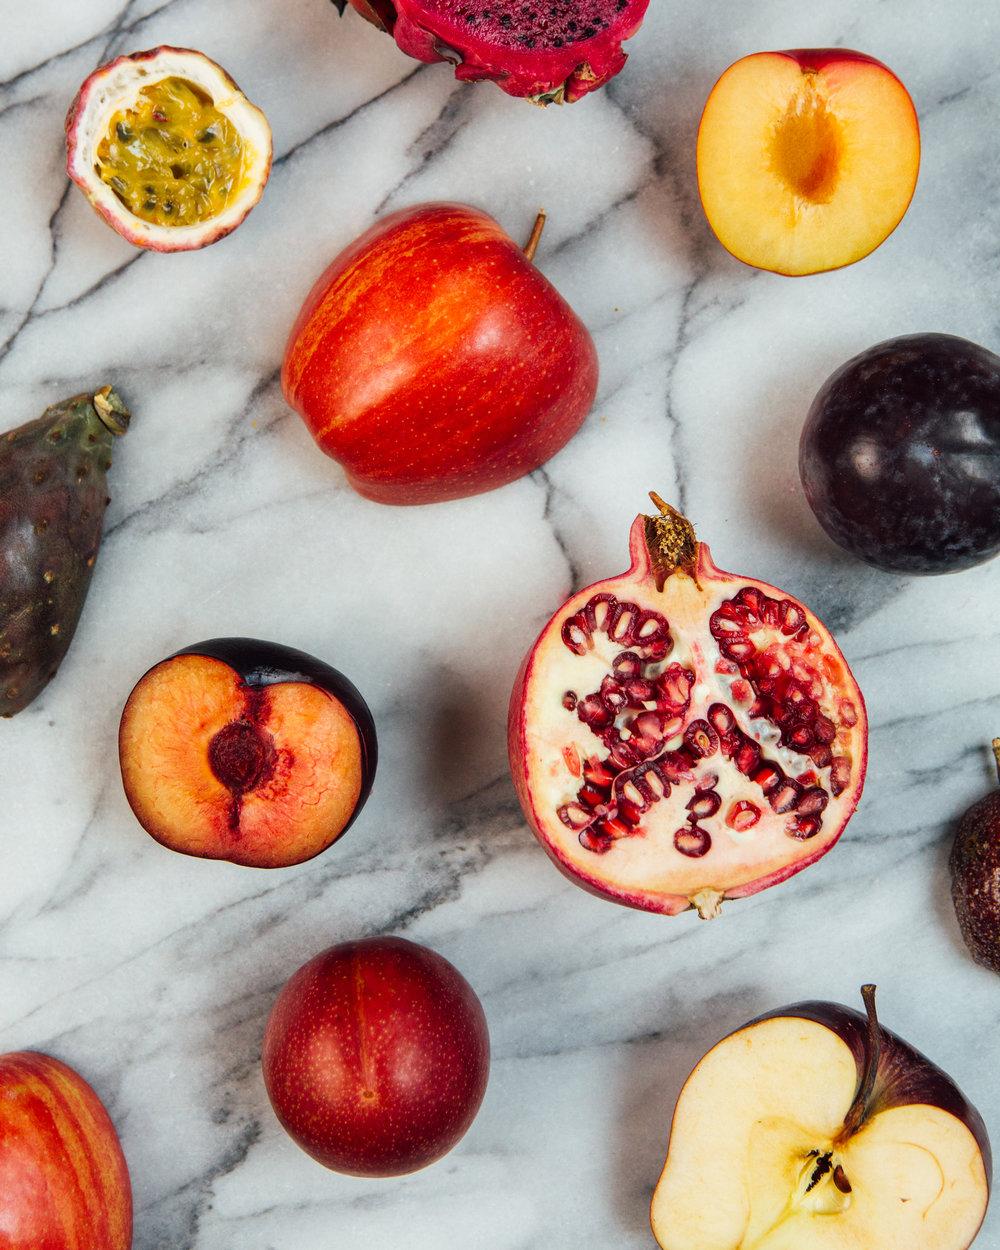 Mixed Fruit Still Life - 4.jpg